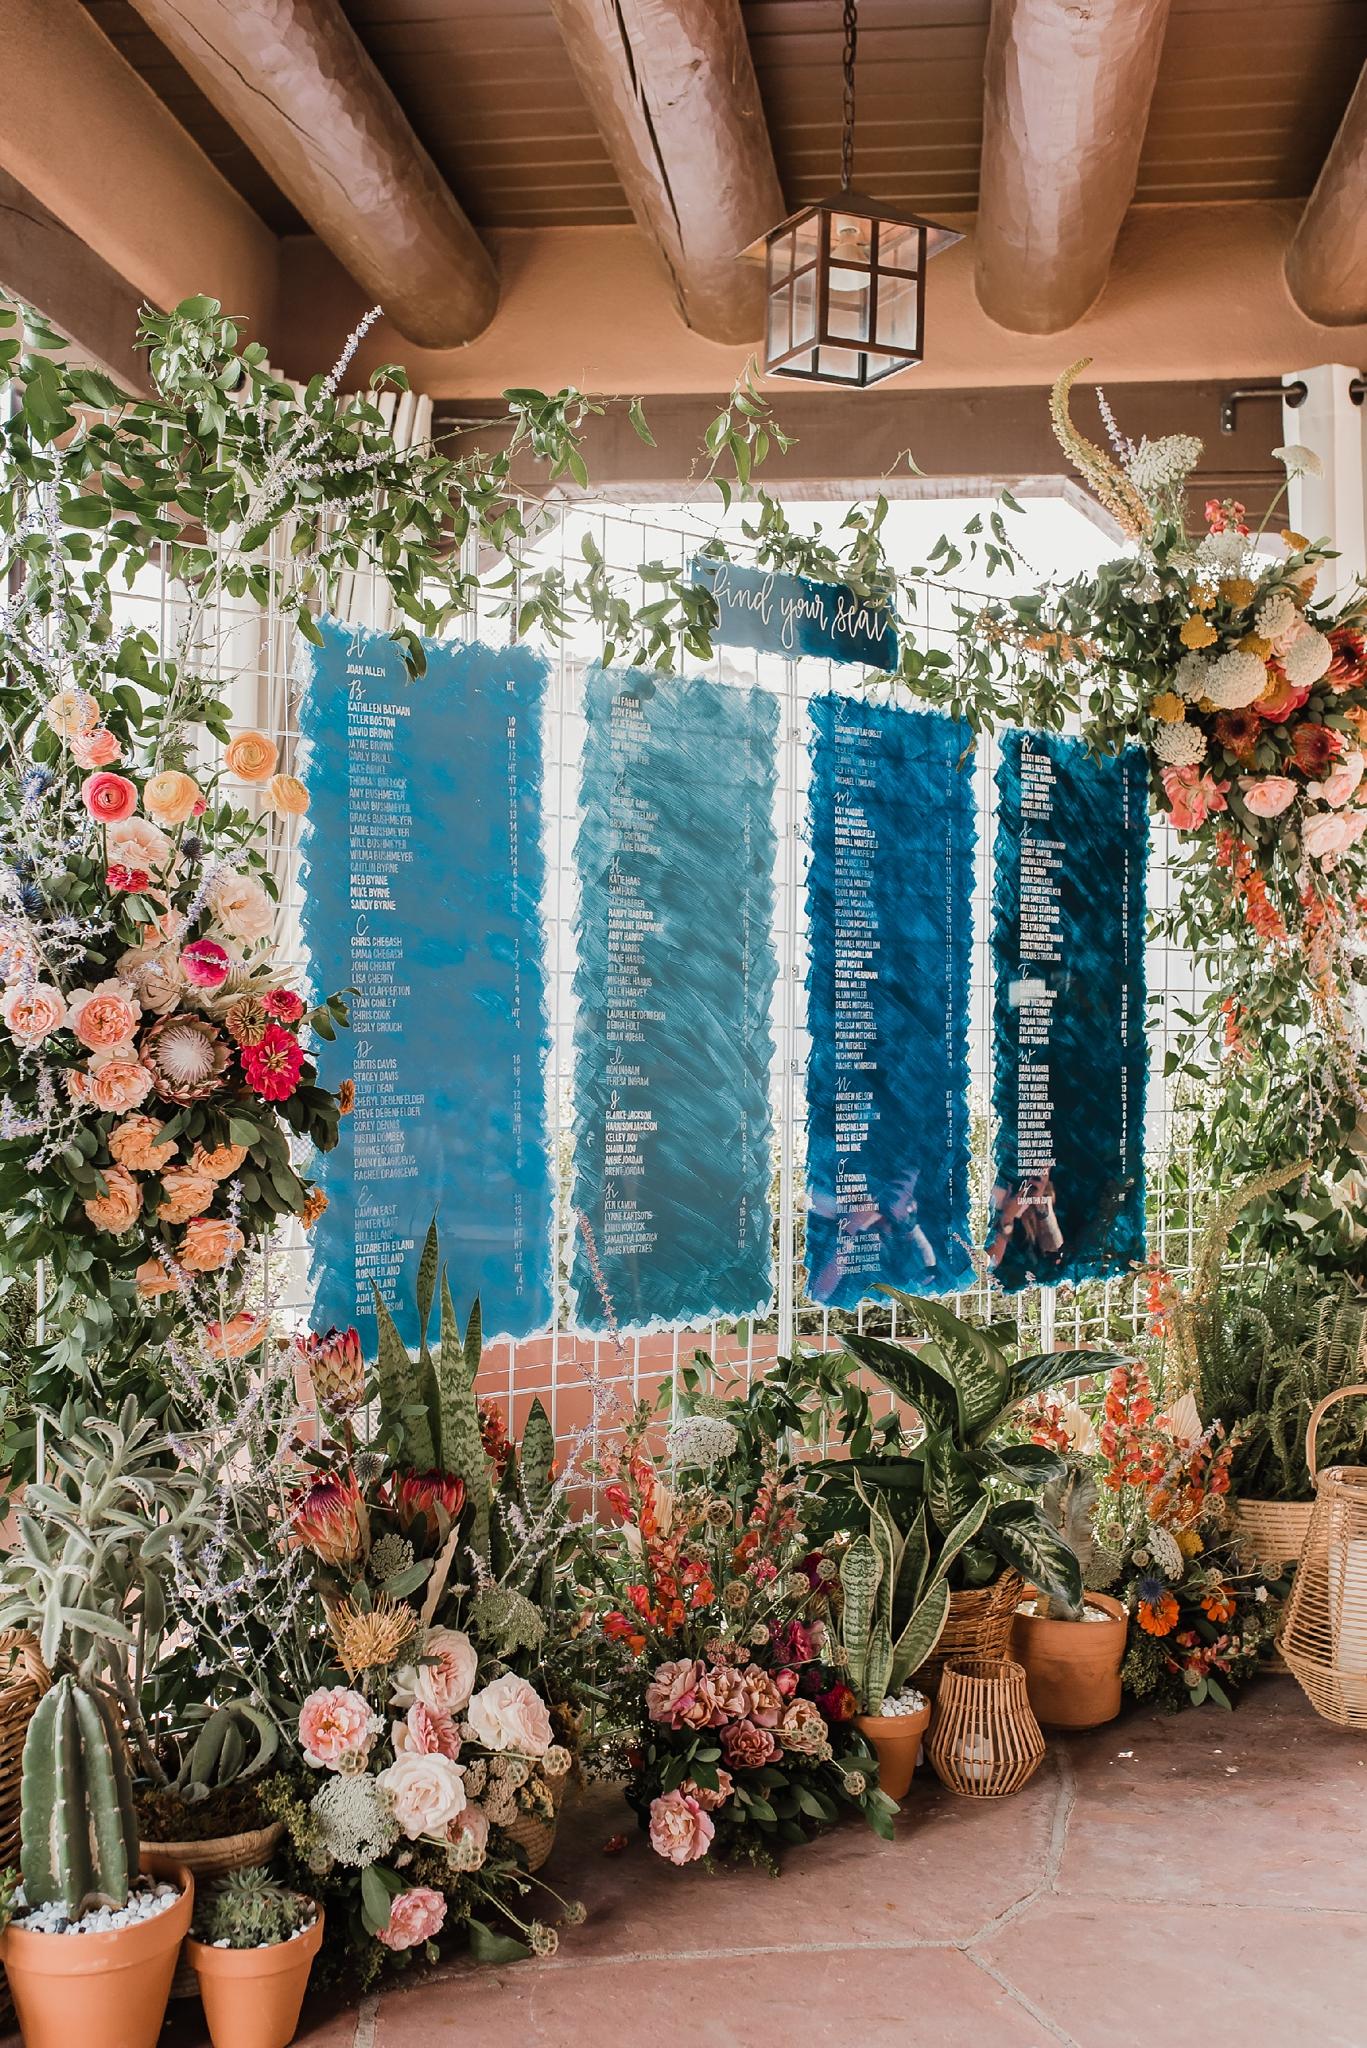 Alicia+lucia+photography+-+albuquerque+wedding+photographer+-+santa+fe+wedding+photography+-+new+mexico+wedding+photographer+-+new+mexico+wedding+-+las+campanas+wedding+-+santa+fe+wedding+-+maximalist+wedding+-+destination+wedding_0113.jpg